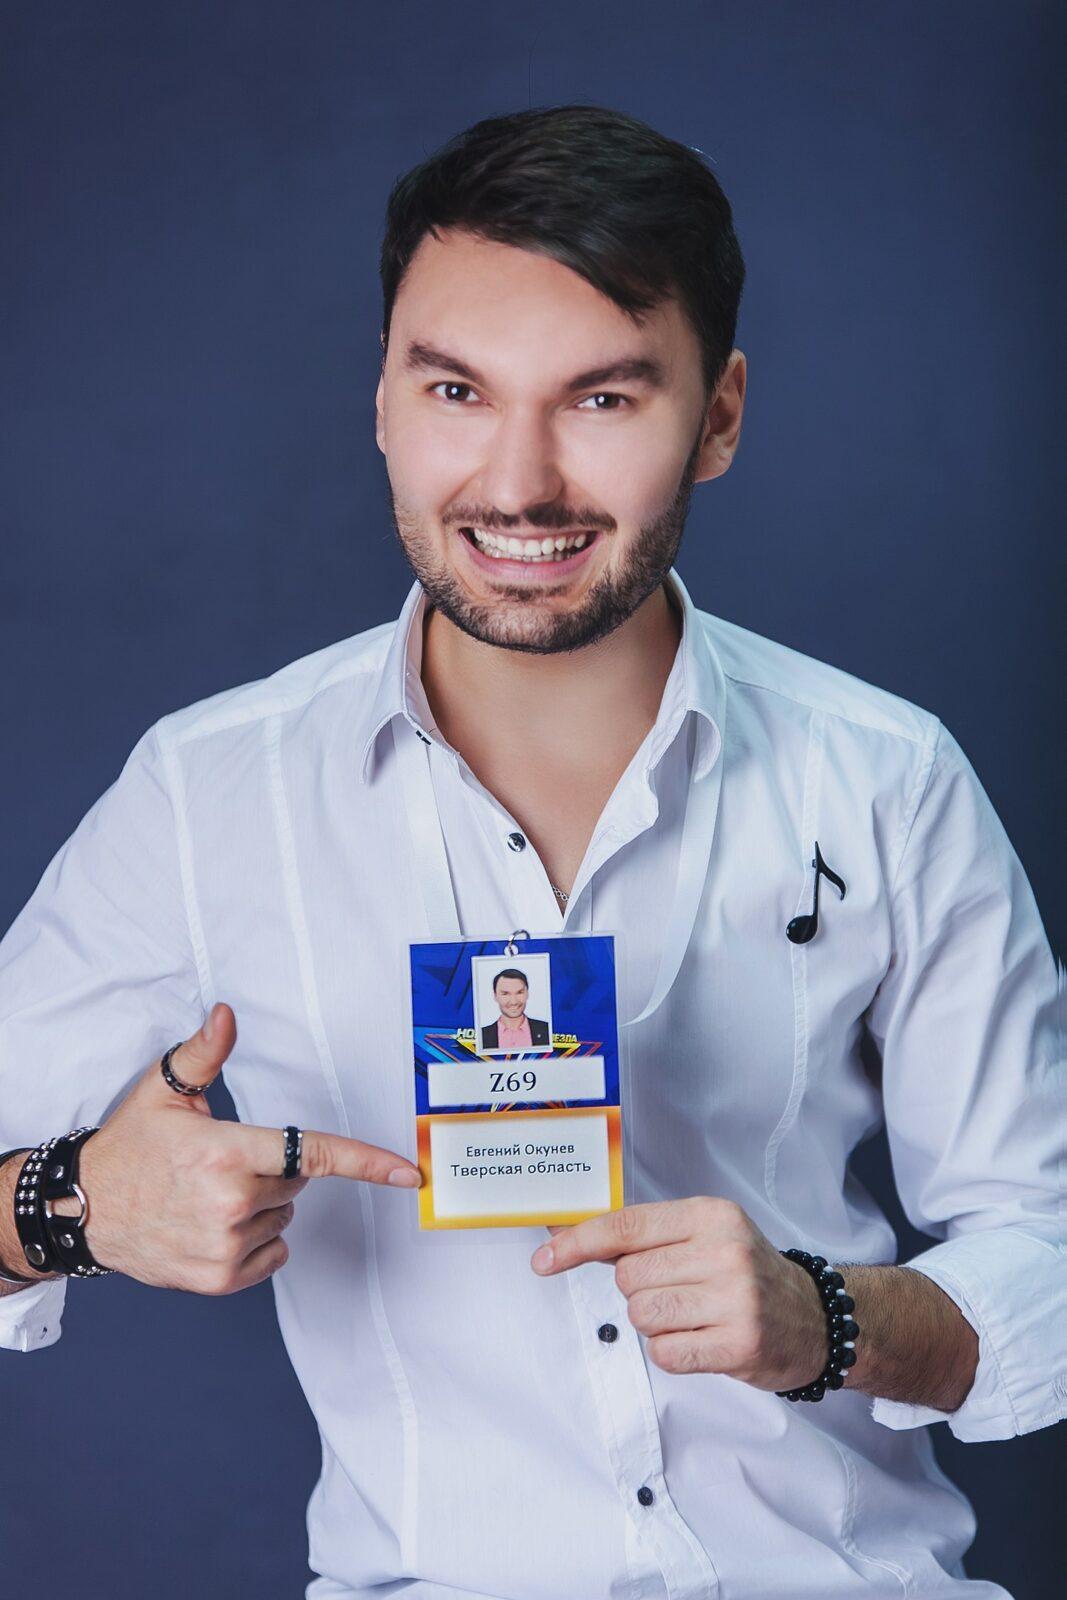 Евгений Окунев: Талант можно раскрыть на все 200 процентов